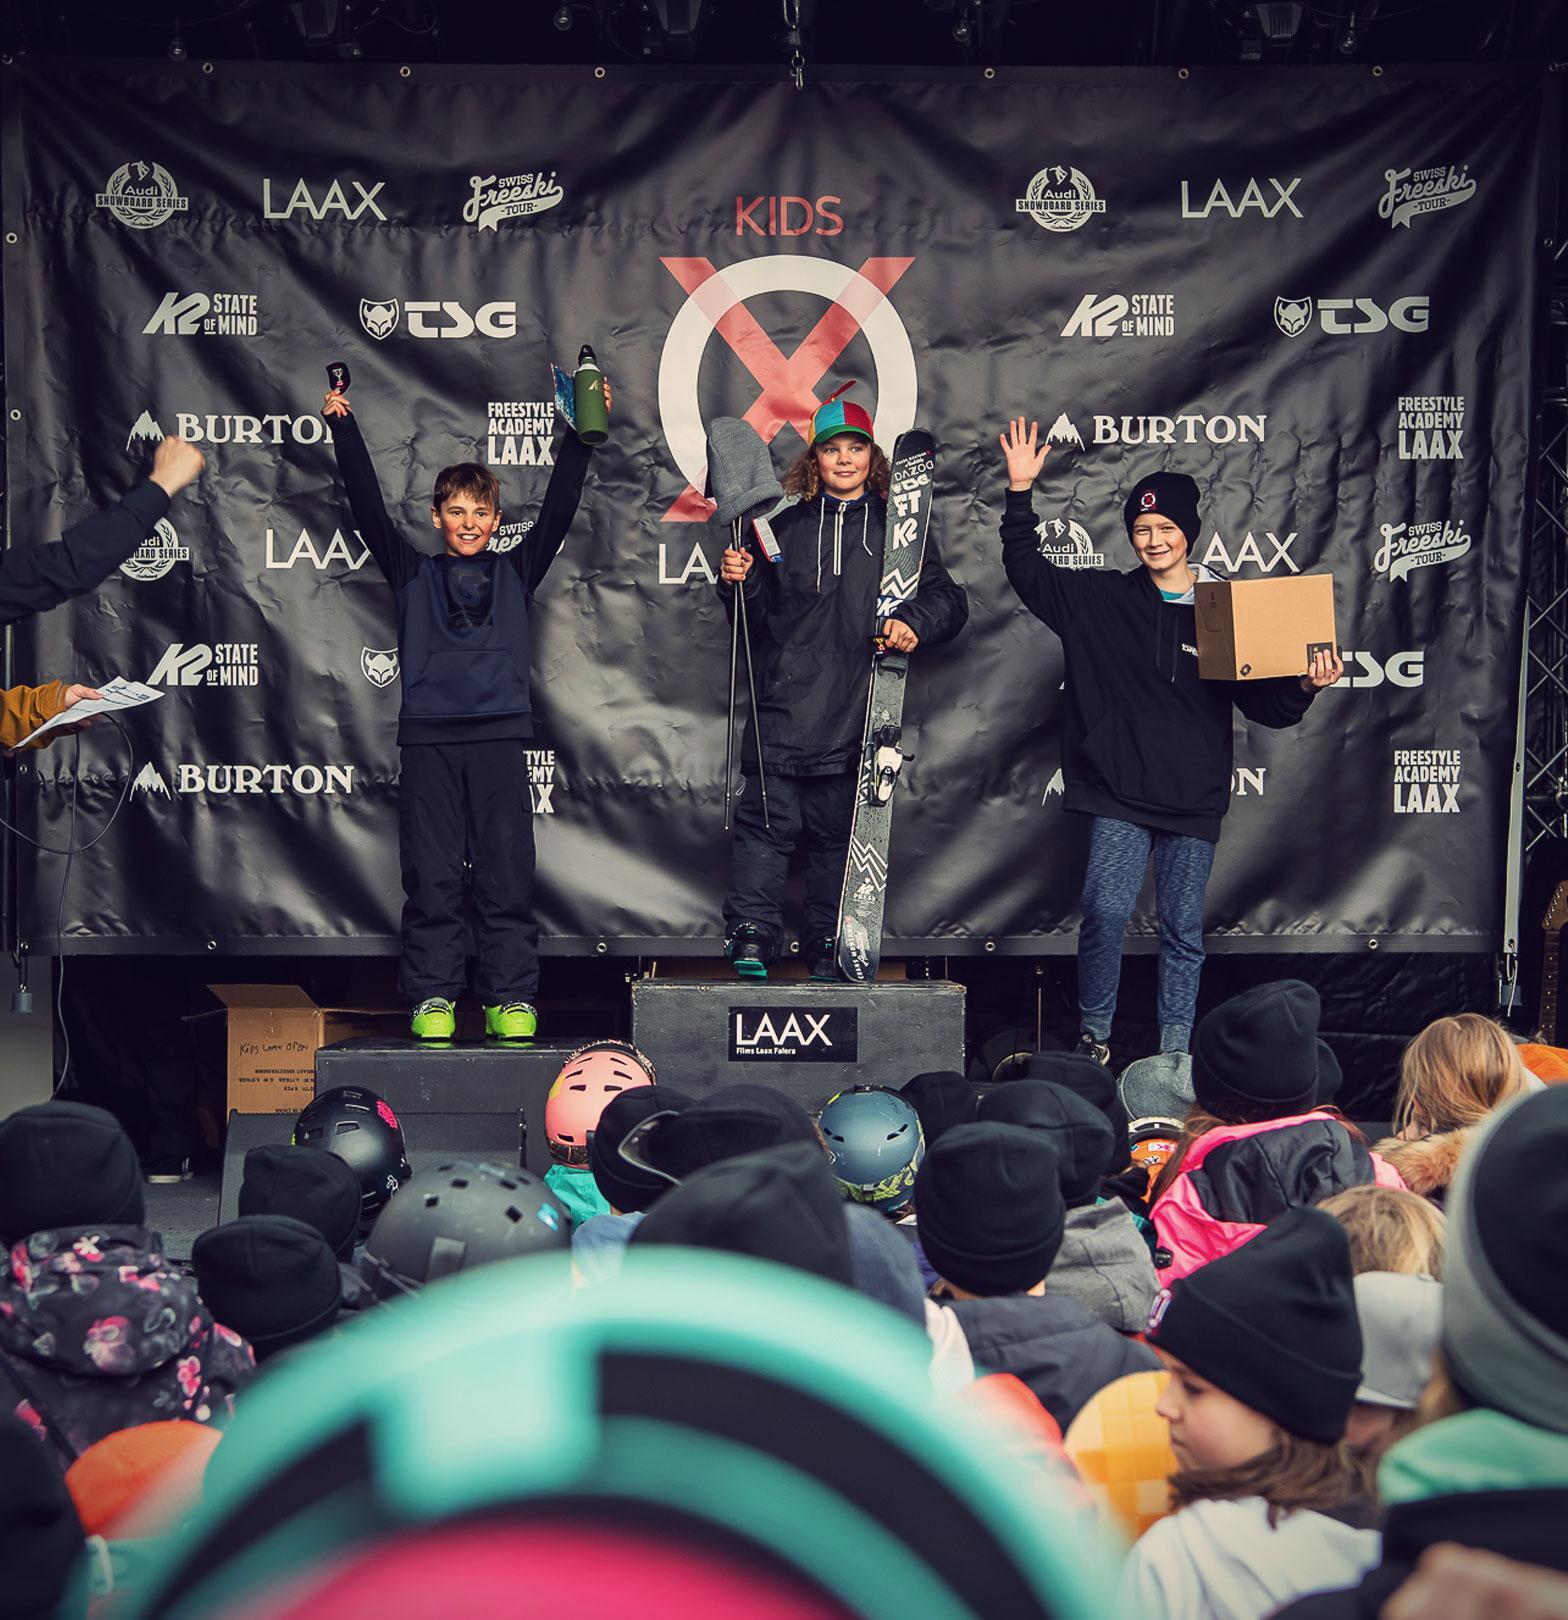 TSG Kids Kids Laax Open 2019 snowpark laax podium Louis Coubes